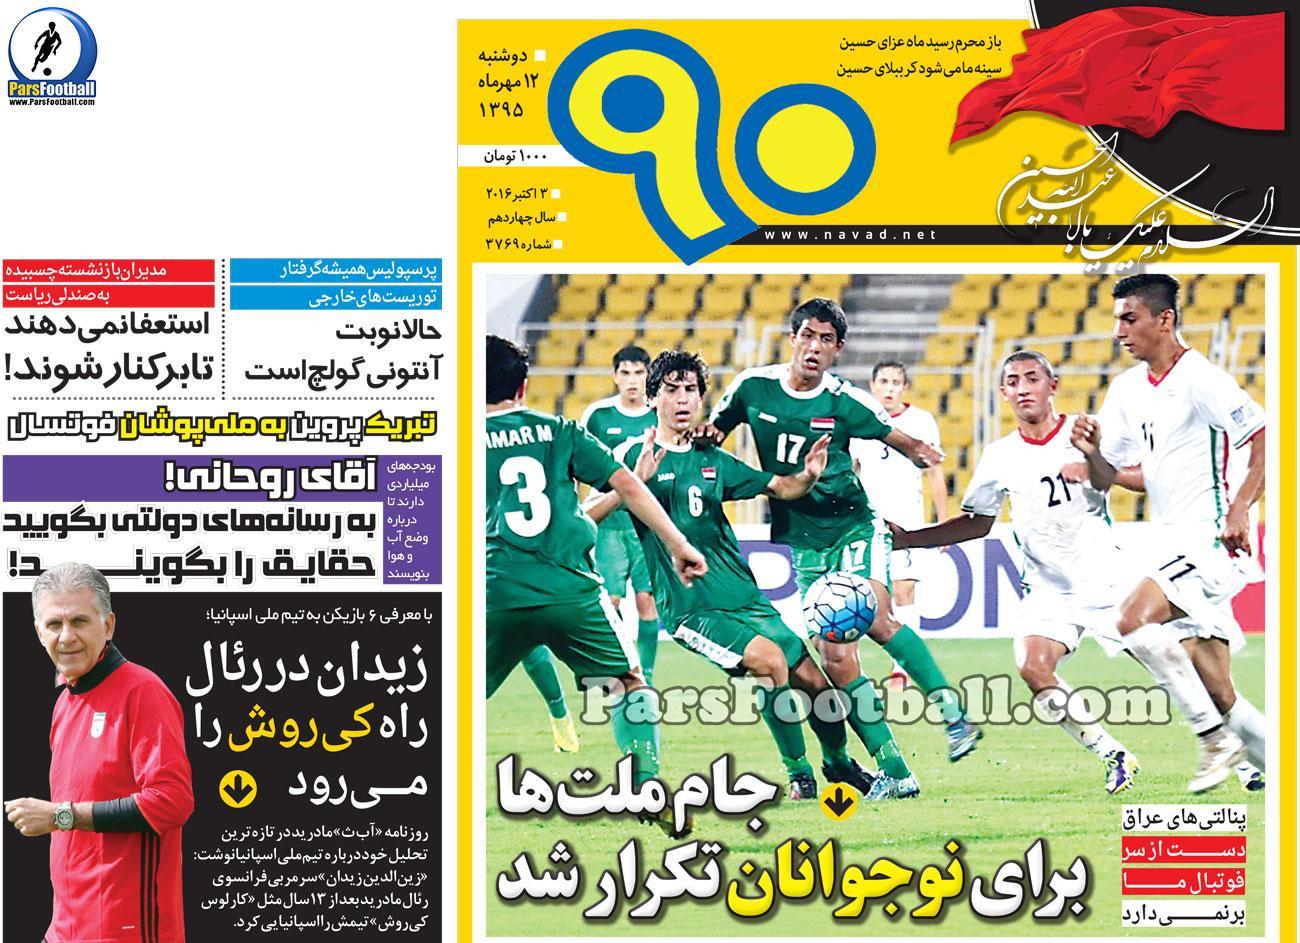 روزنامه نود دوشنبه 12 مهر 95